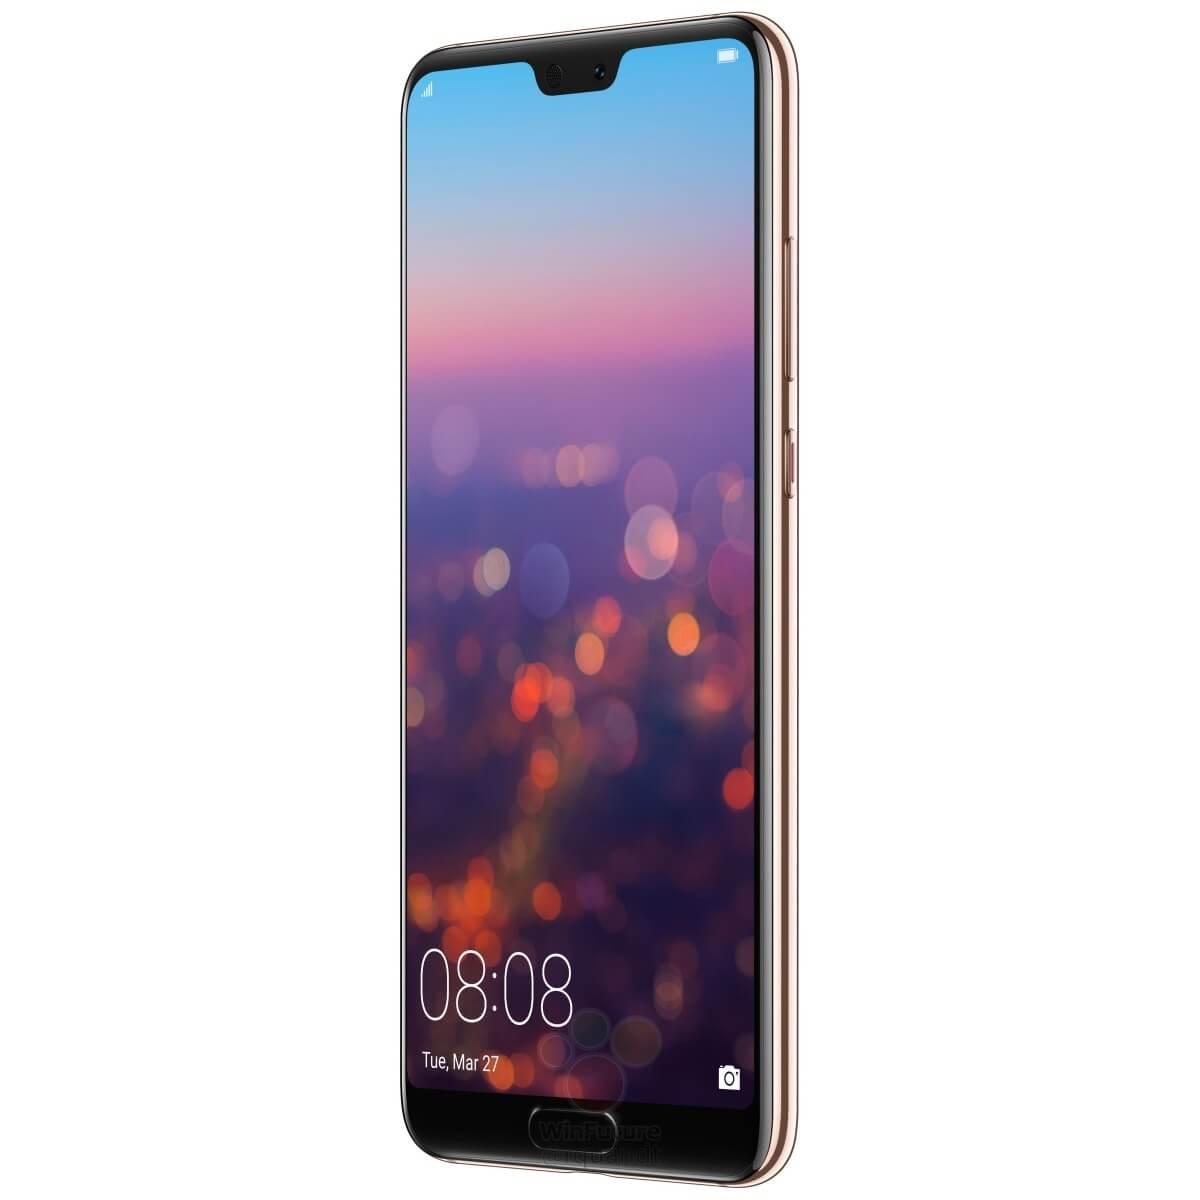 Neue Huawei P20-Modelle : Offizielle Bilder an die Öffentlichkeit gelangt techboys.de • smarte News, auf den Punkt!